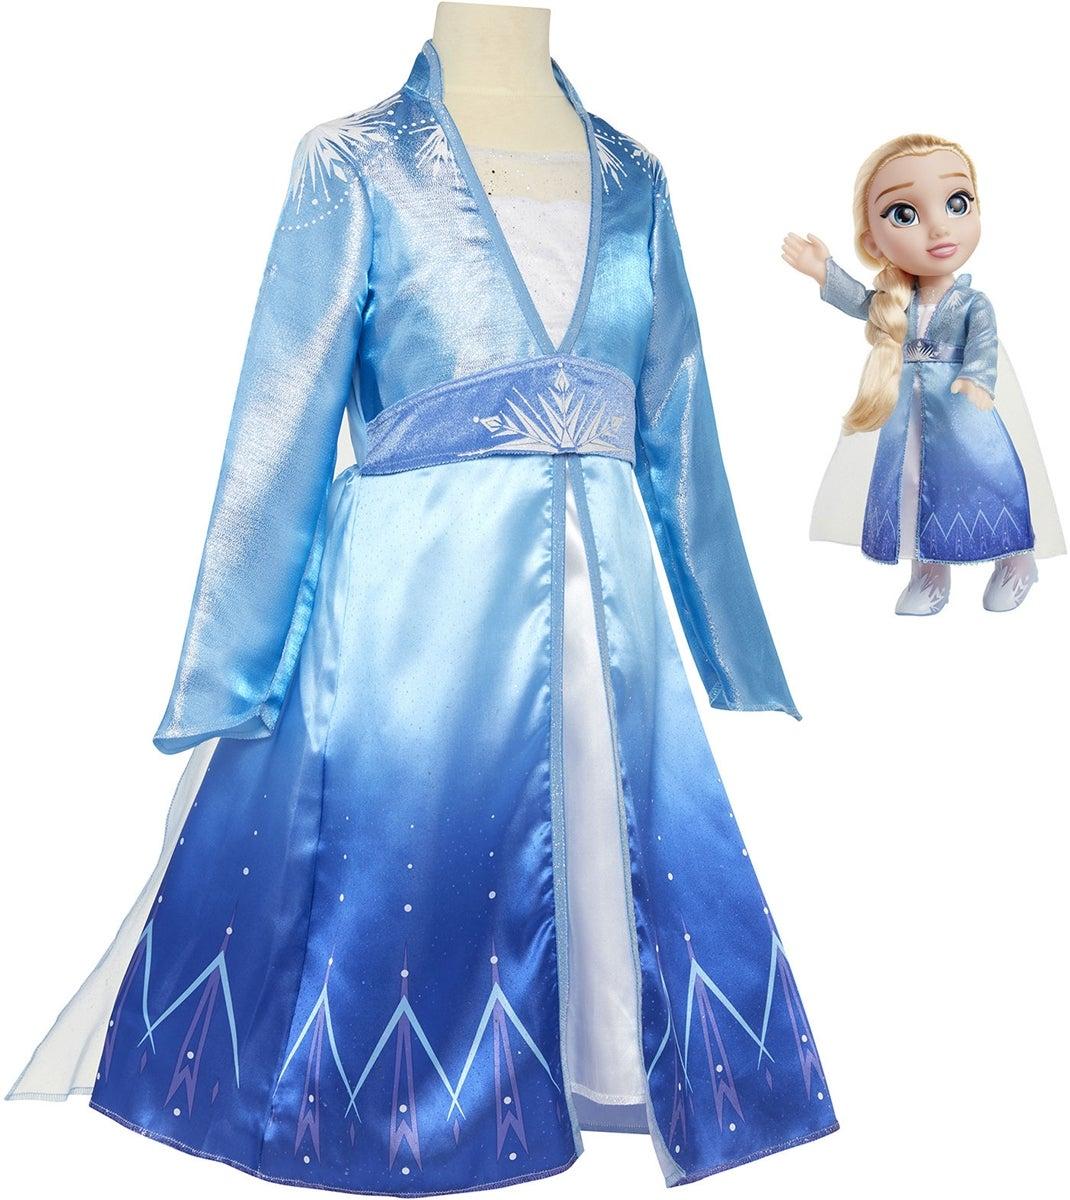 frost 2 elsa børnekostume - Elsa kostume til børn